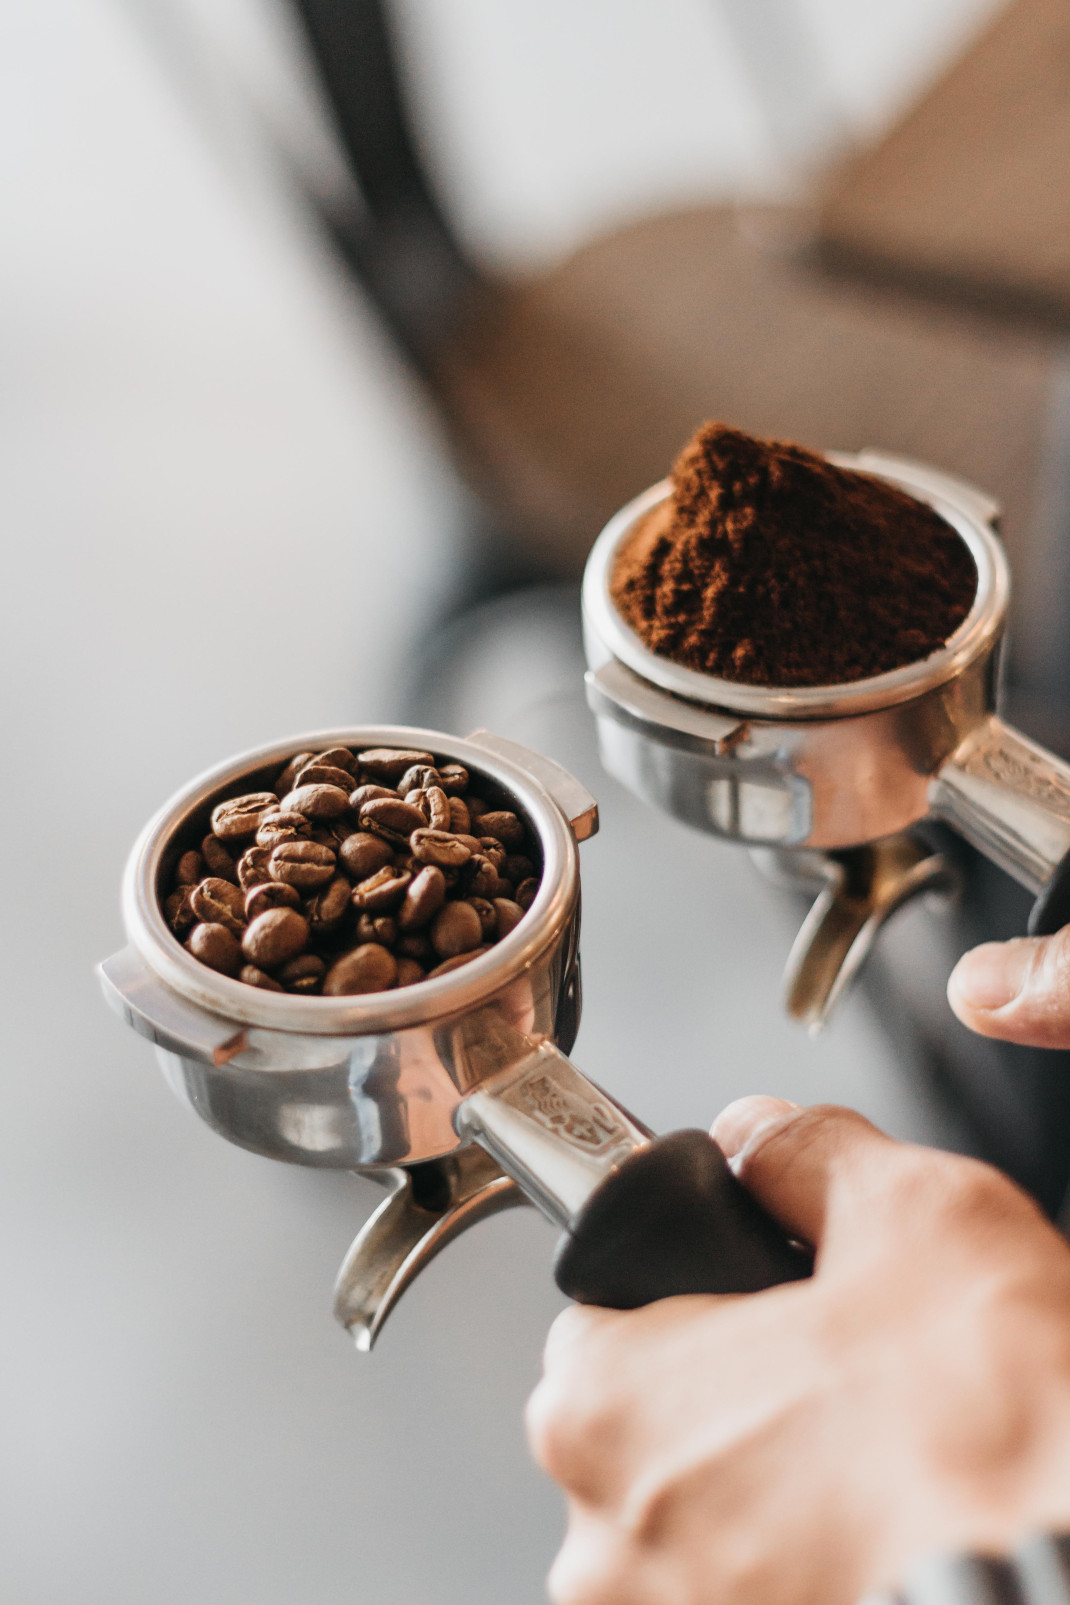 Κόκκοι καφέ και αλεσμένος καφές